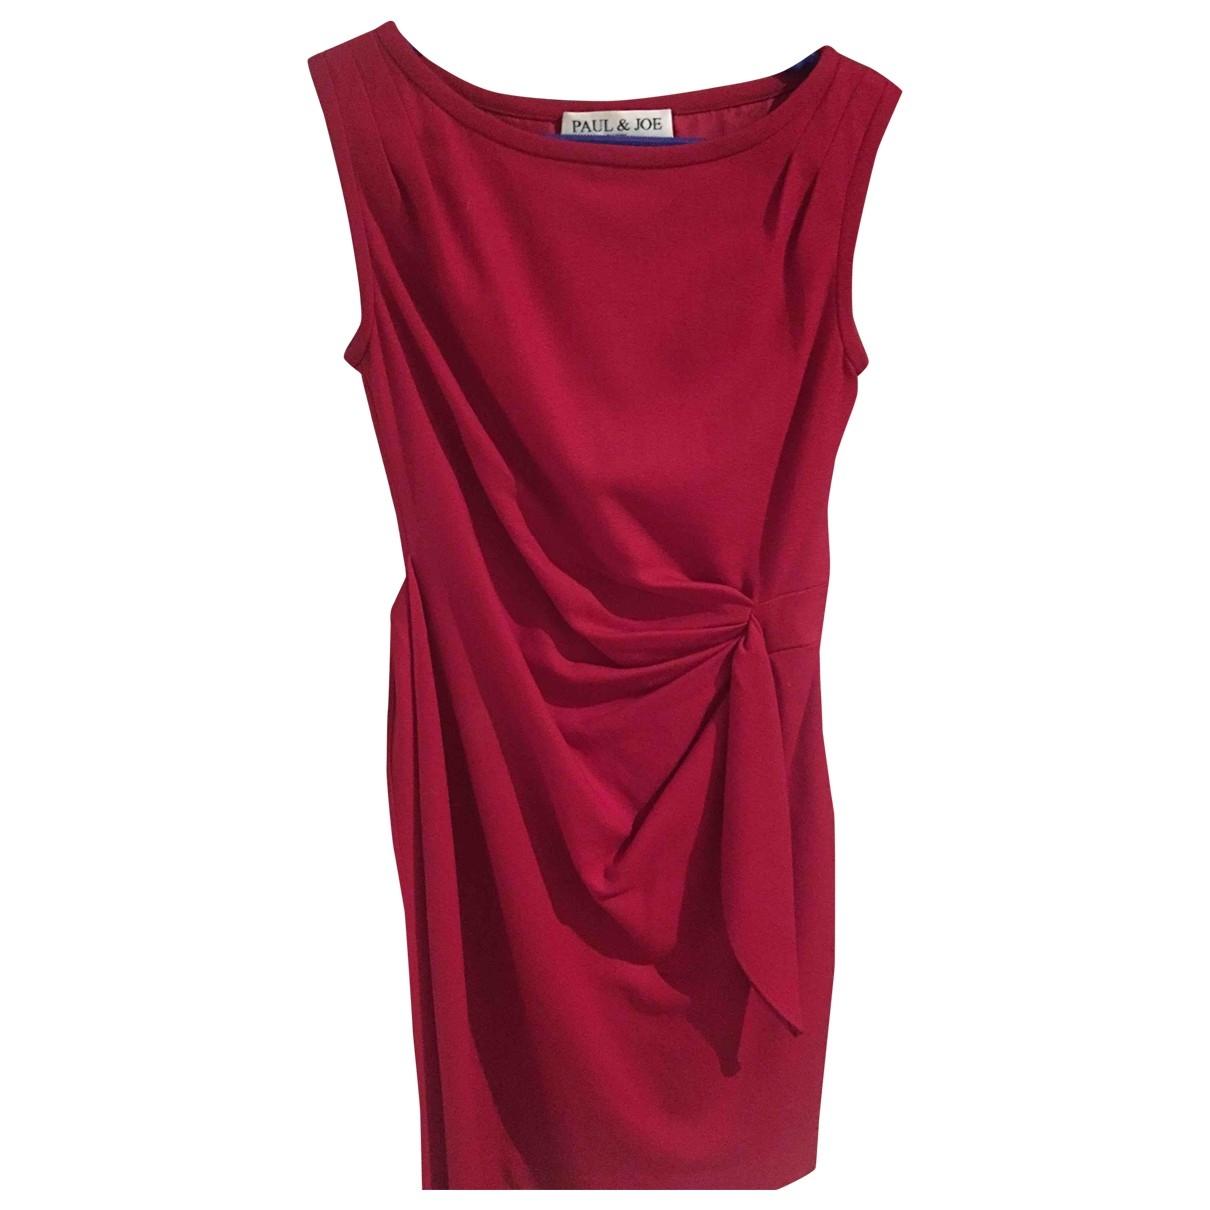 Paul & Joe \N Kleid in  Rot Baumwolle - Elasthan